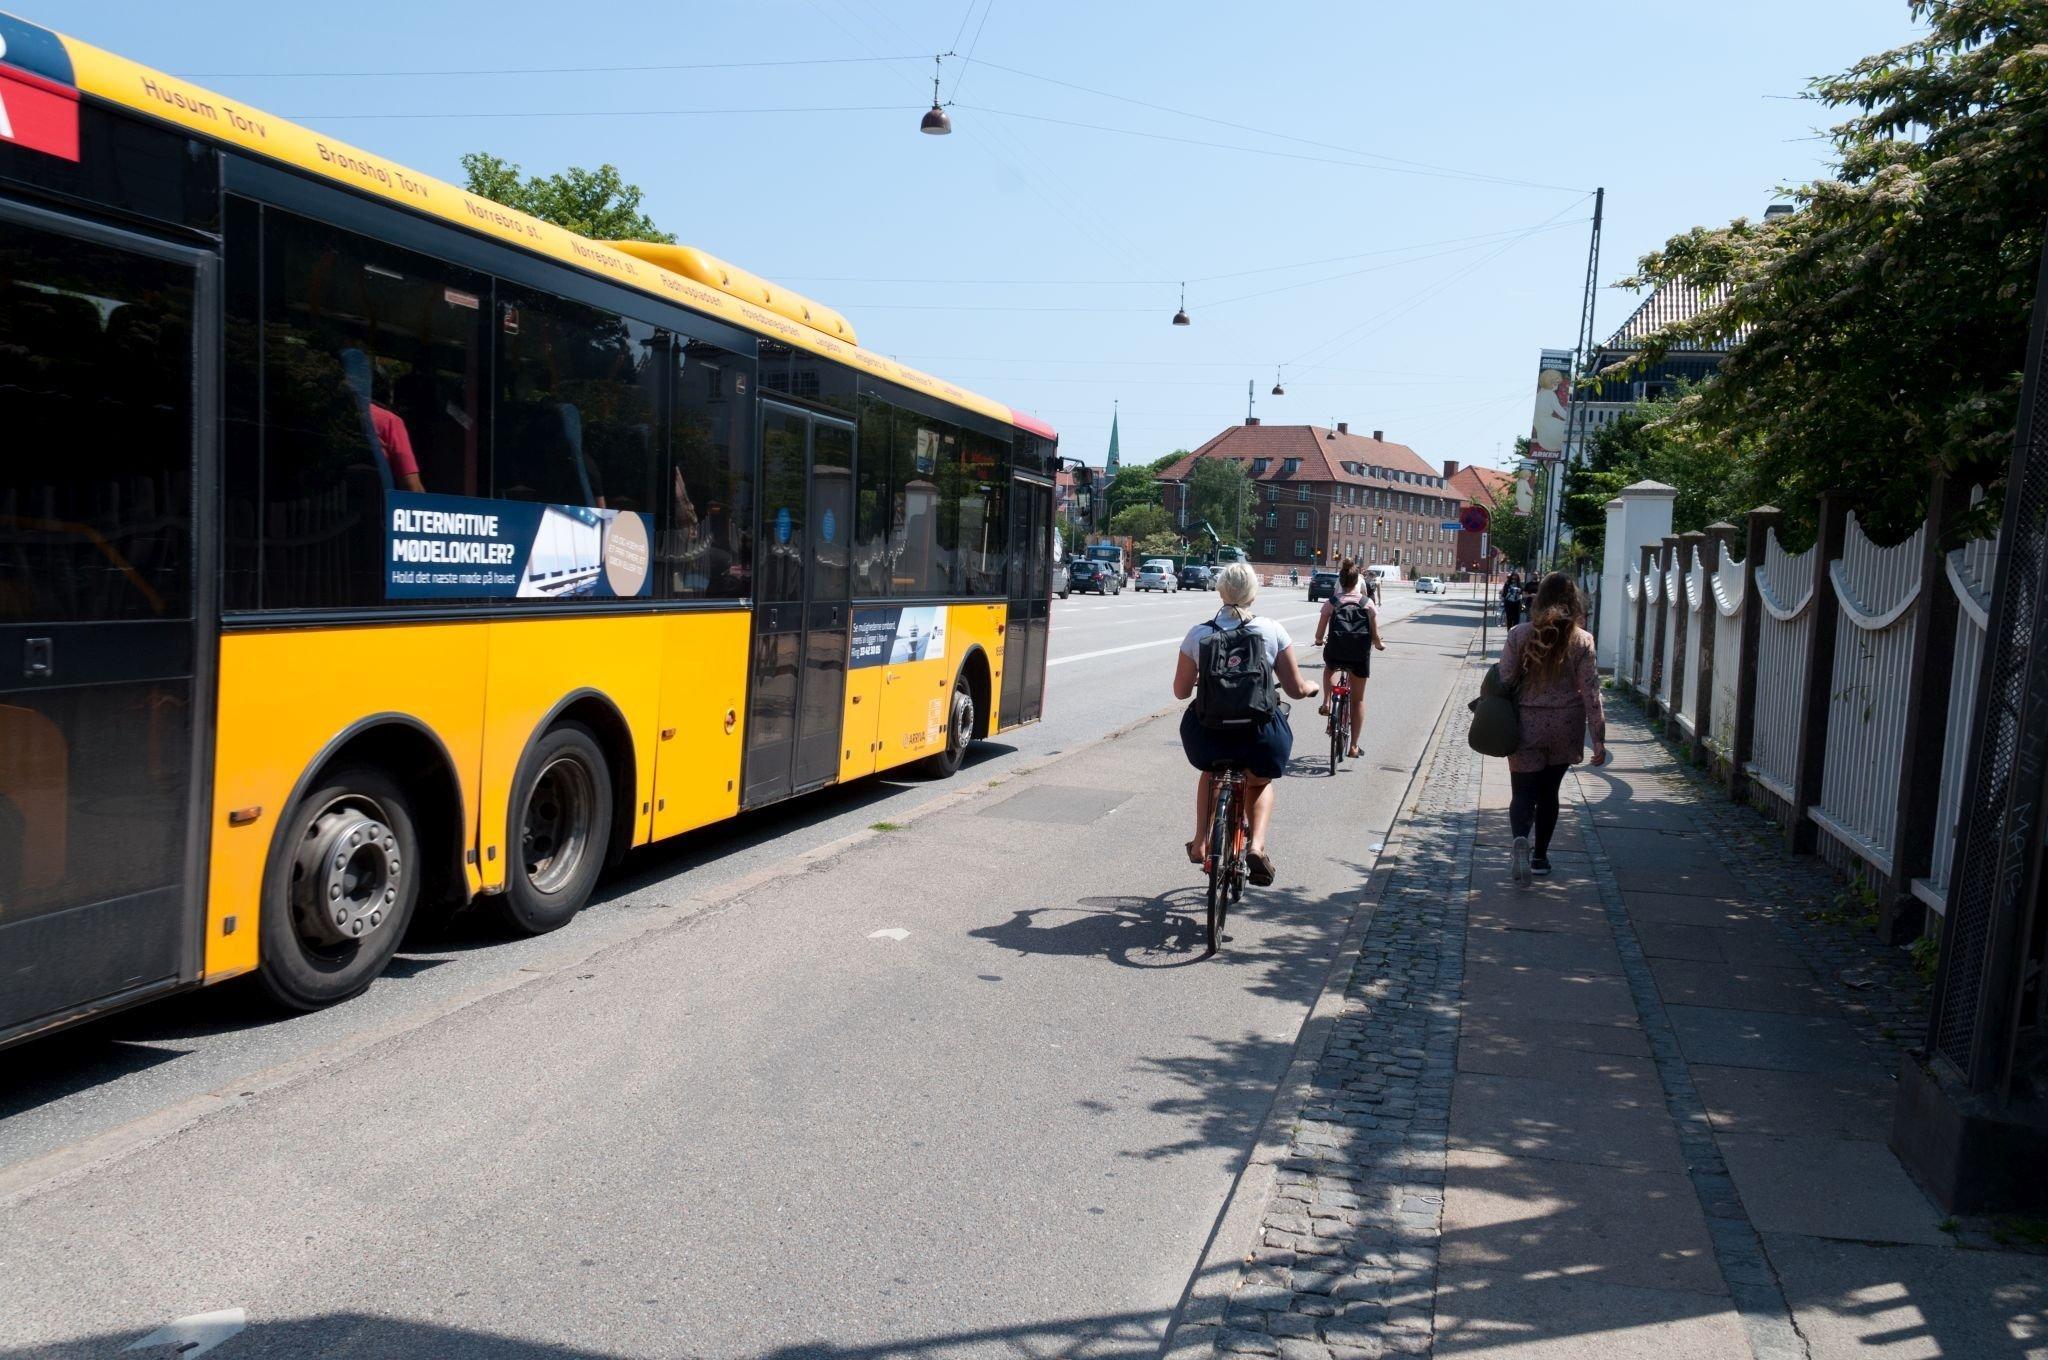 Ein Bus hält. Fahrradfahrer können sich auf einem breitem Radweg daneben vorbeifahren.